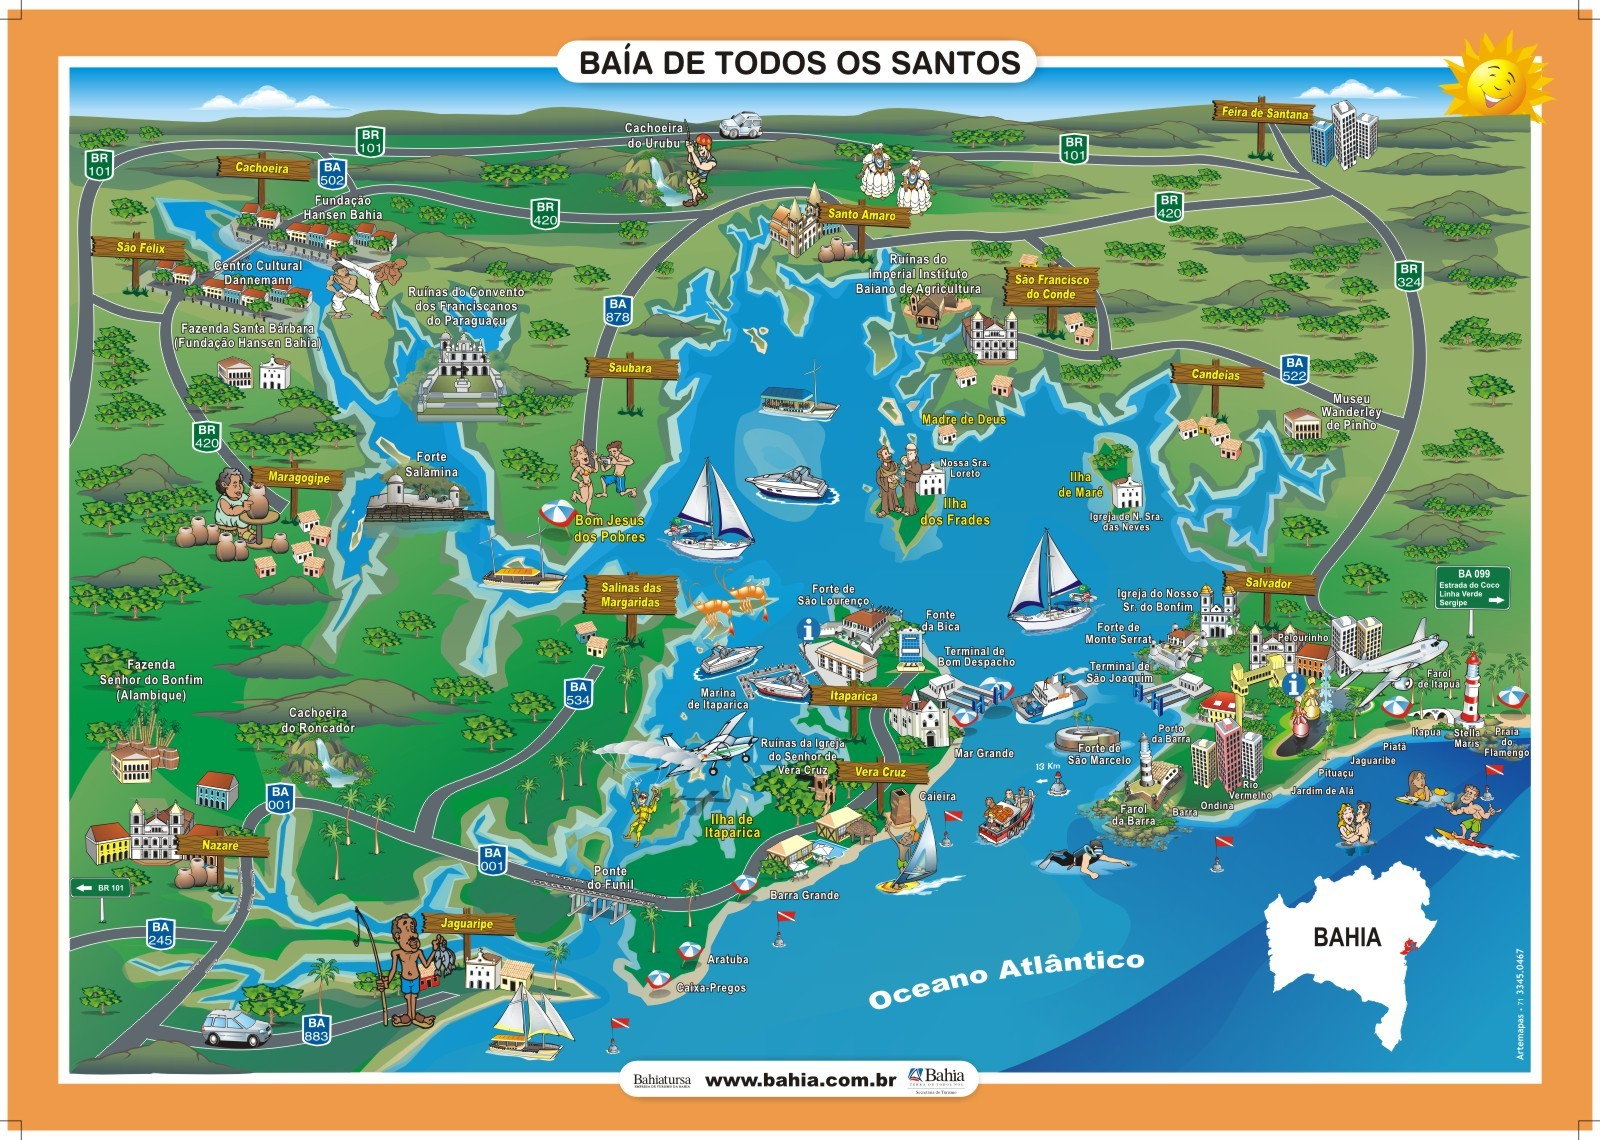 História e Turismo da Baía de Todos os Santos